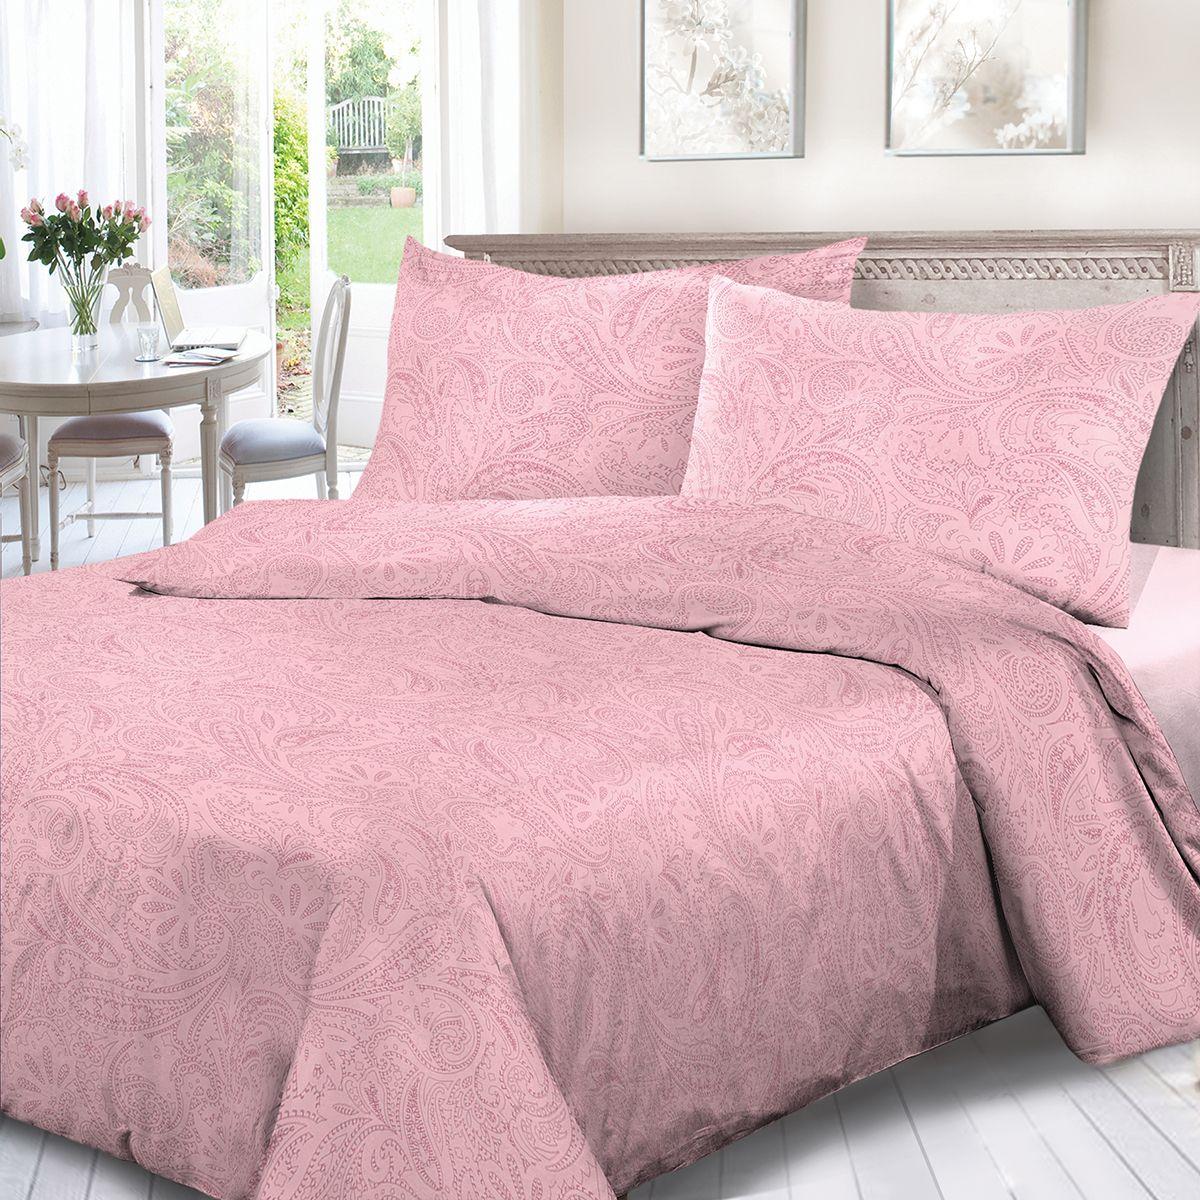 Комплект белья Сорренто Ариэль, семейный, наволочки 70x70, цвет: розовый. 4114-189101